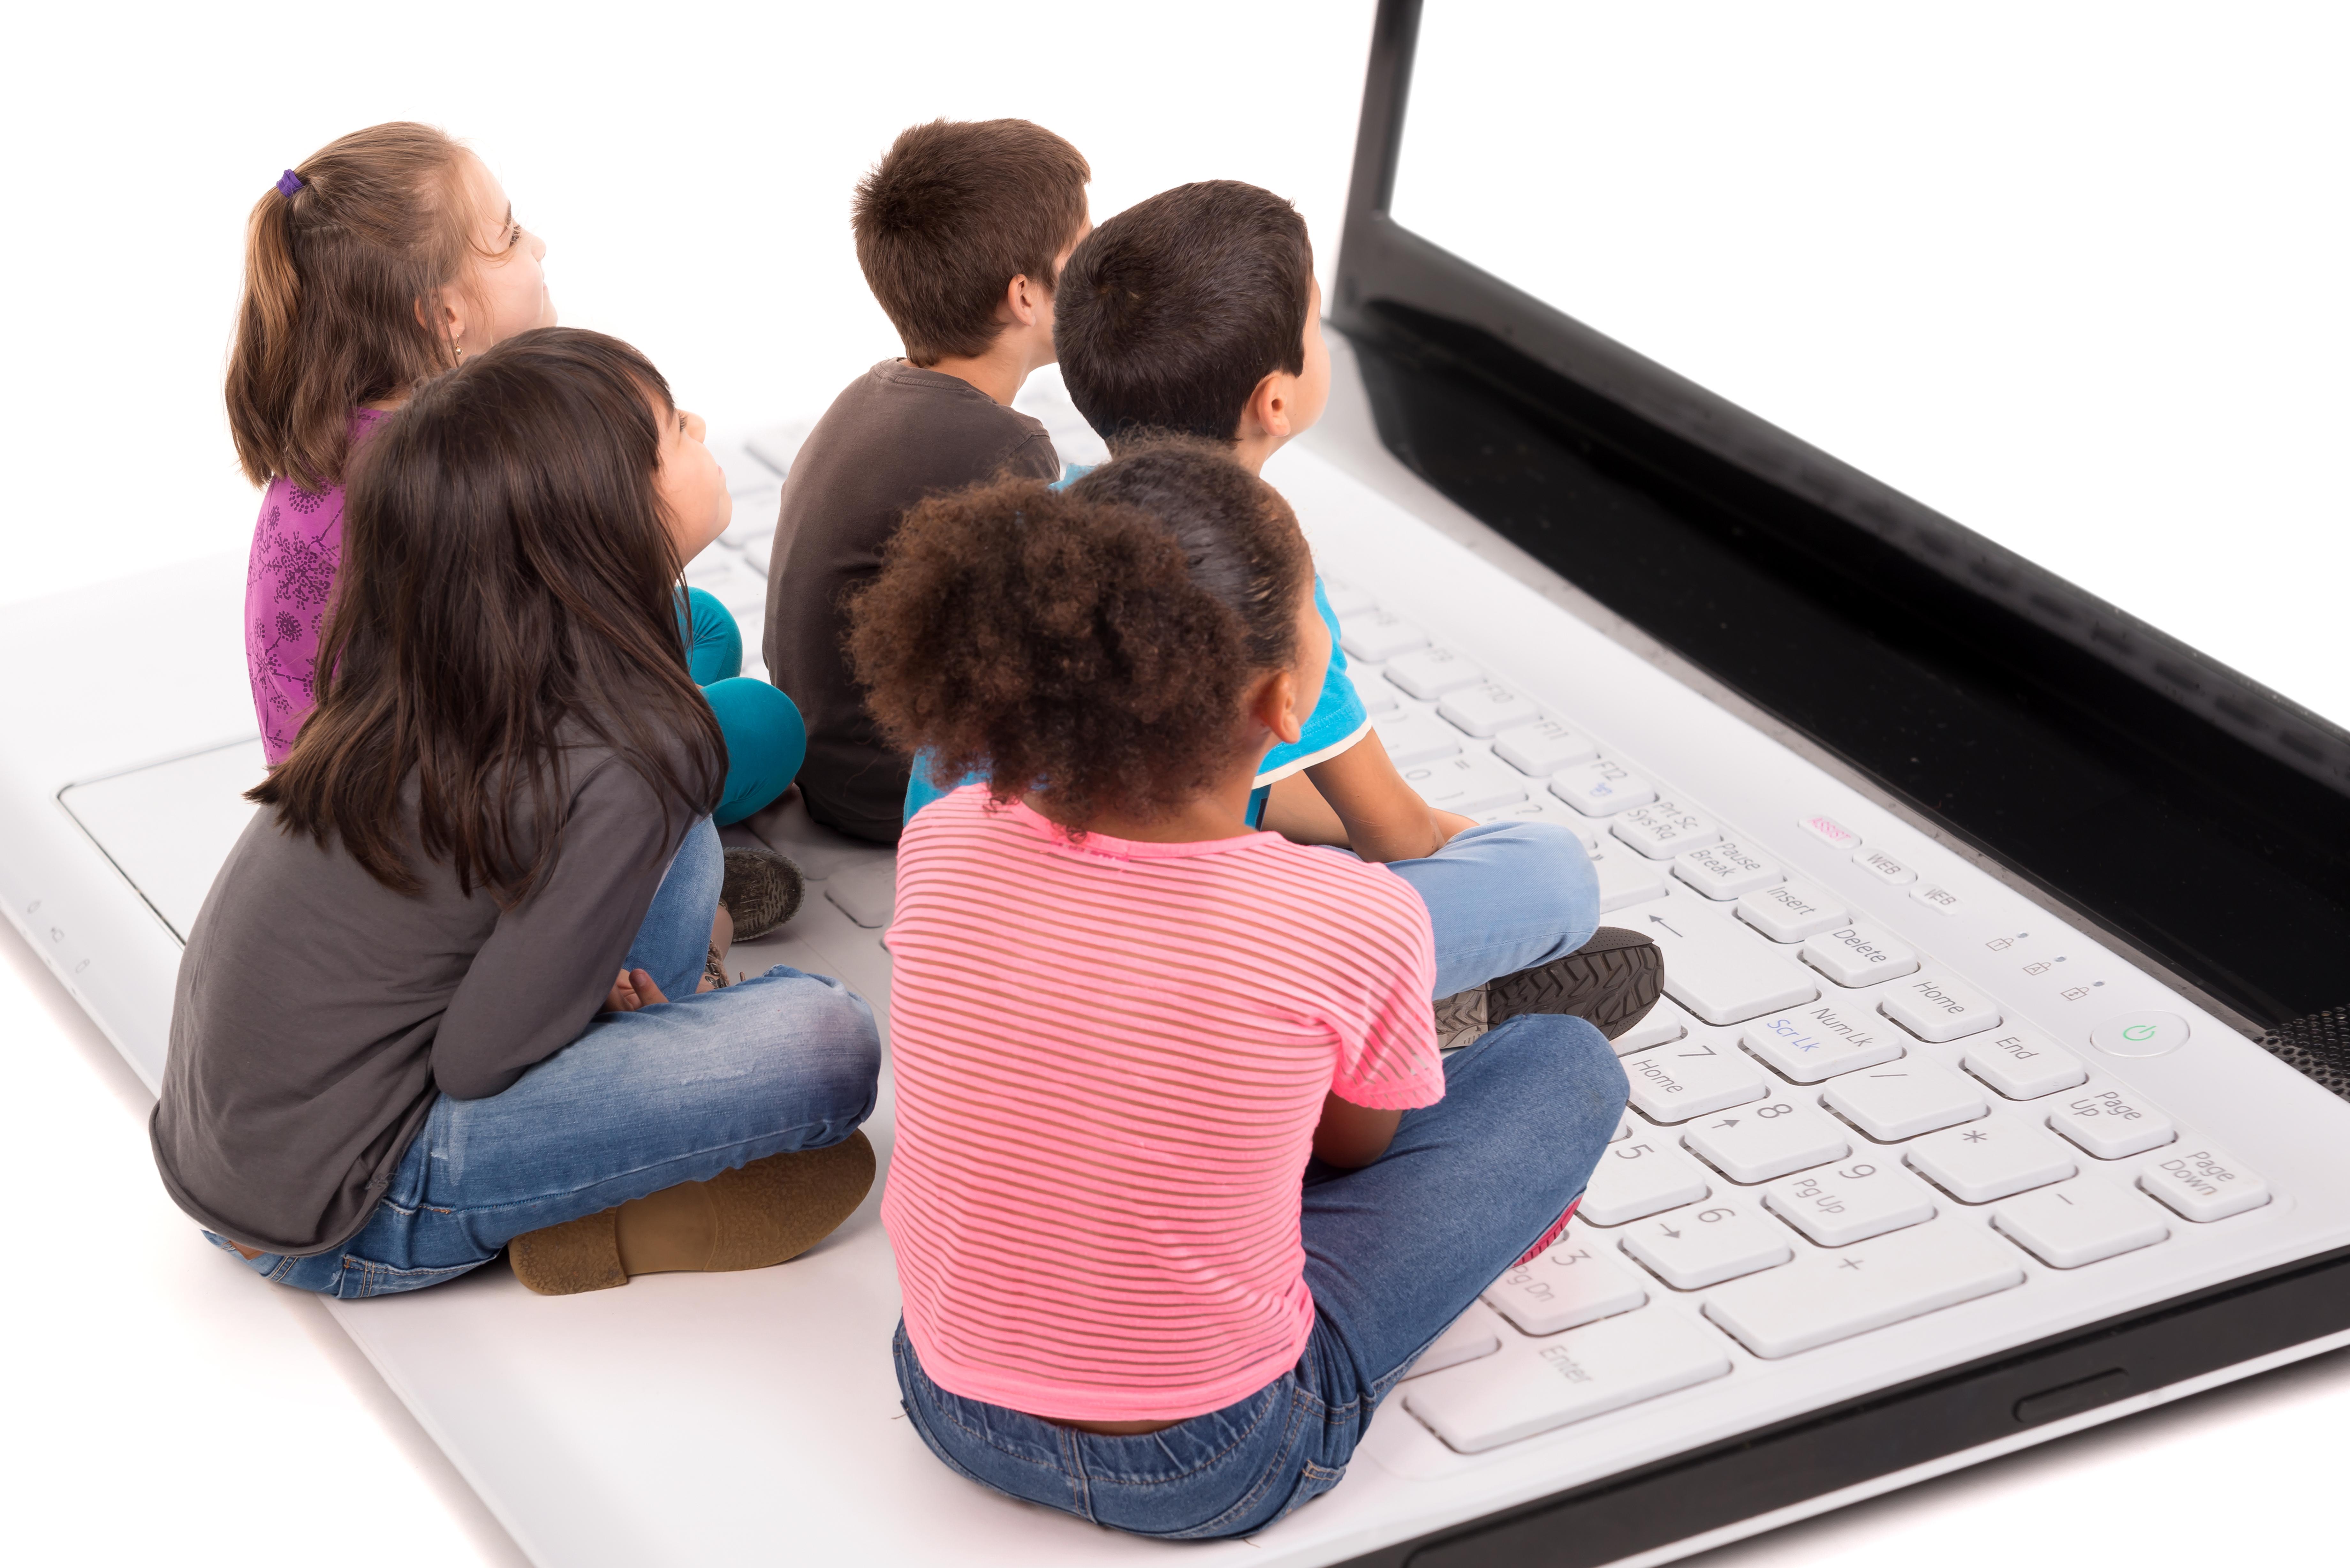 Internet seguro para los niños gracias al control parental